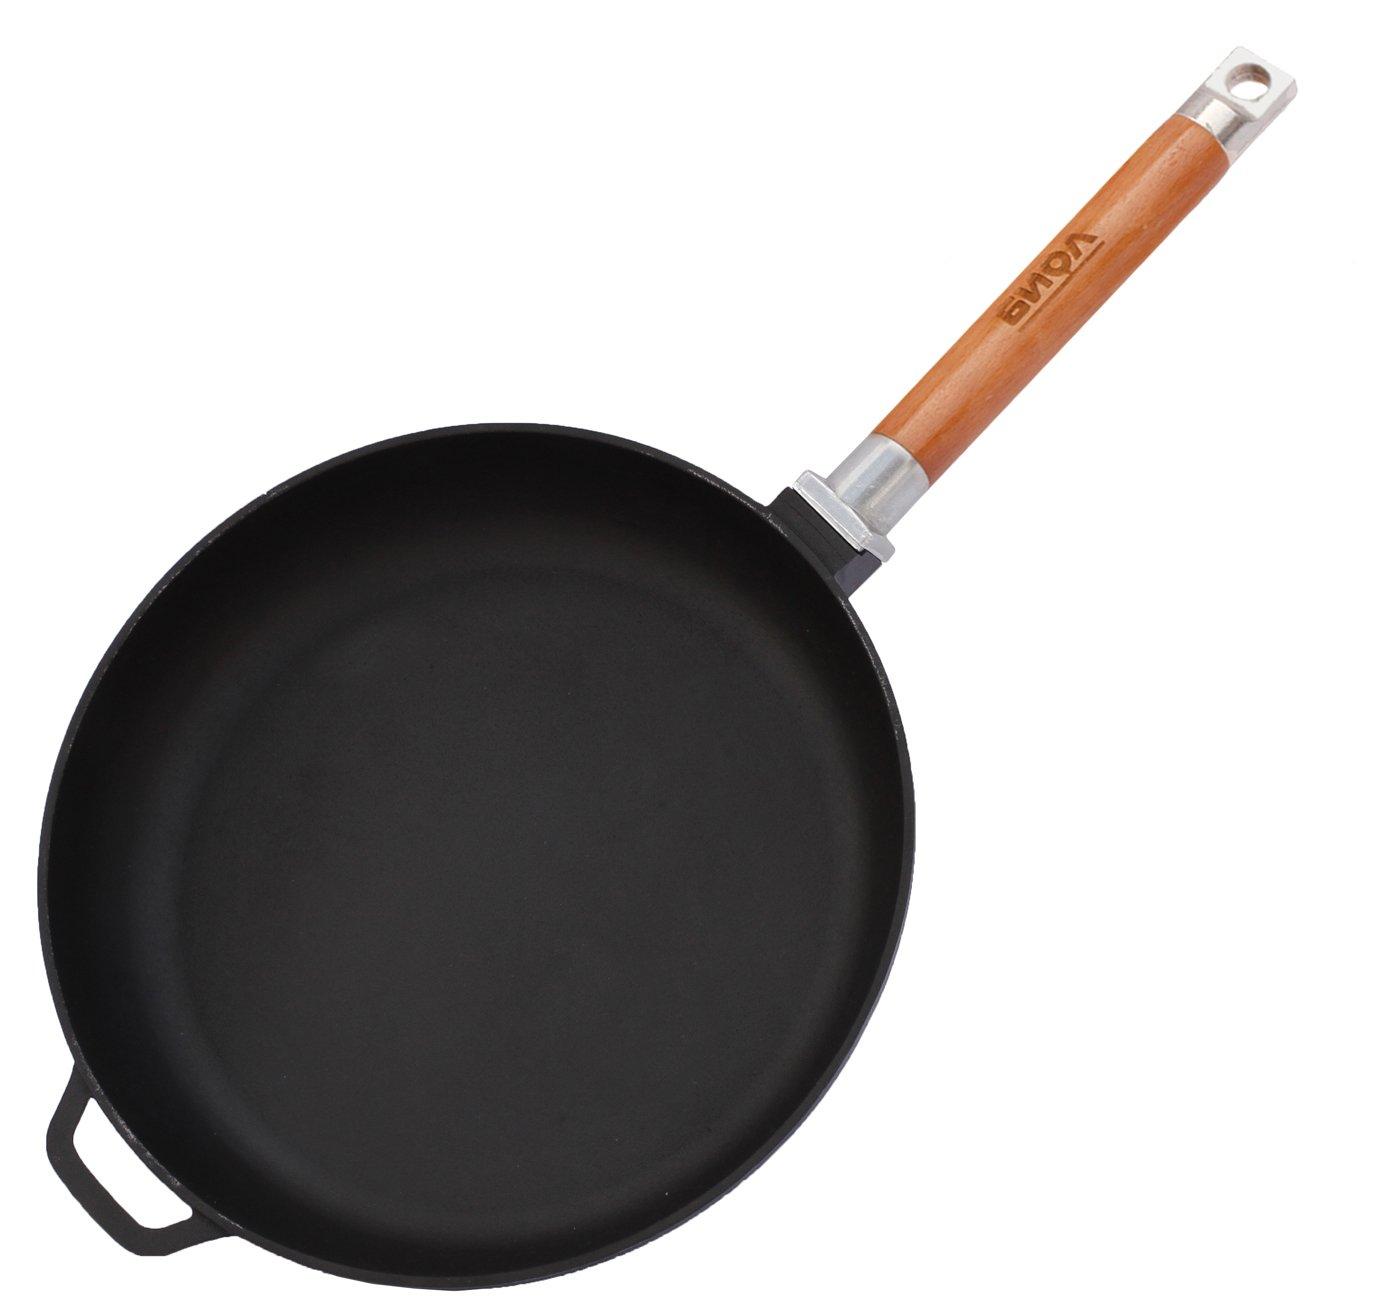 20cm tous feux dont induction 24 ou 26cm BIOL Po/êle en fonte avec une poign/ée amovible en bois pour une cuisson saine 22 20